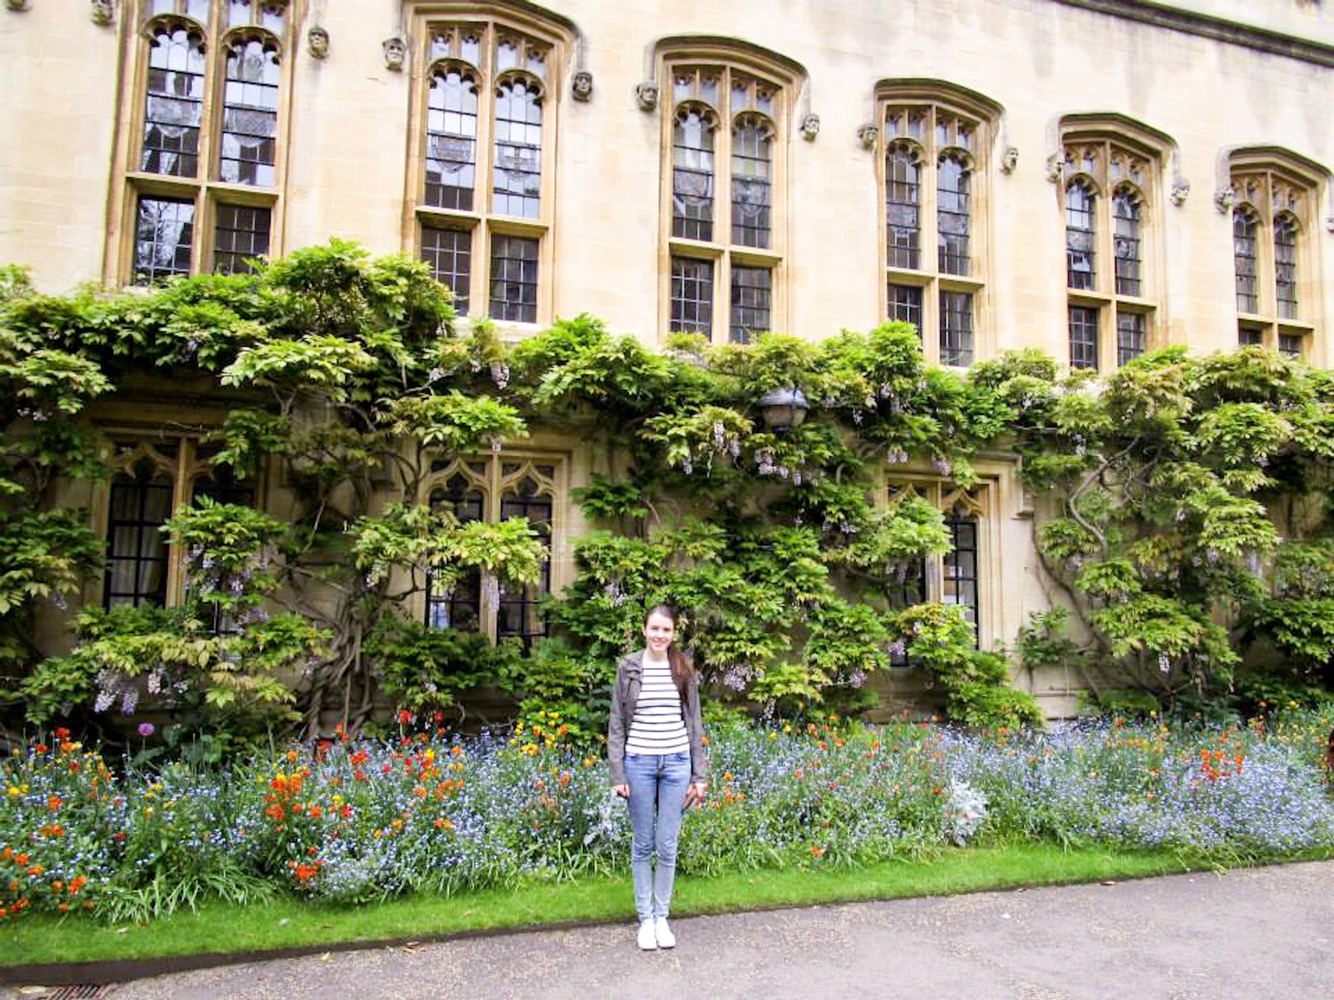 Pretty gardens in Oxford